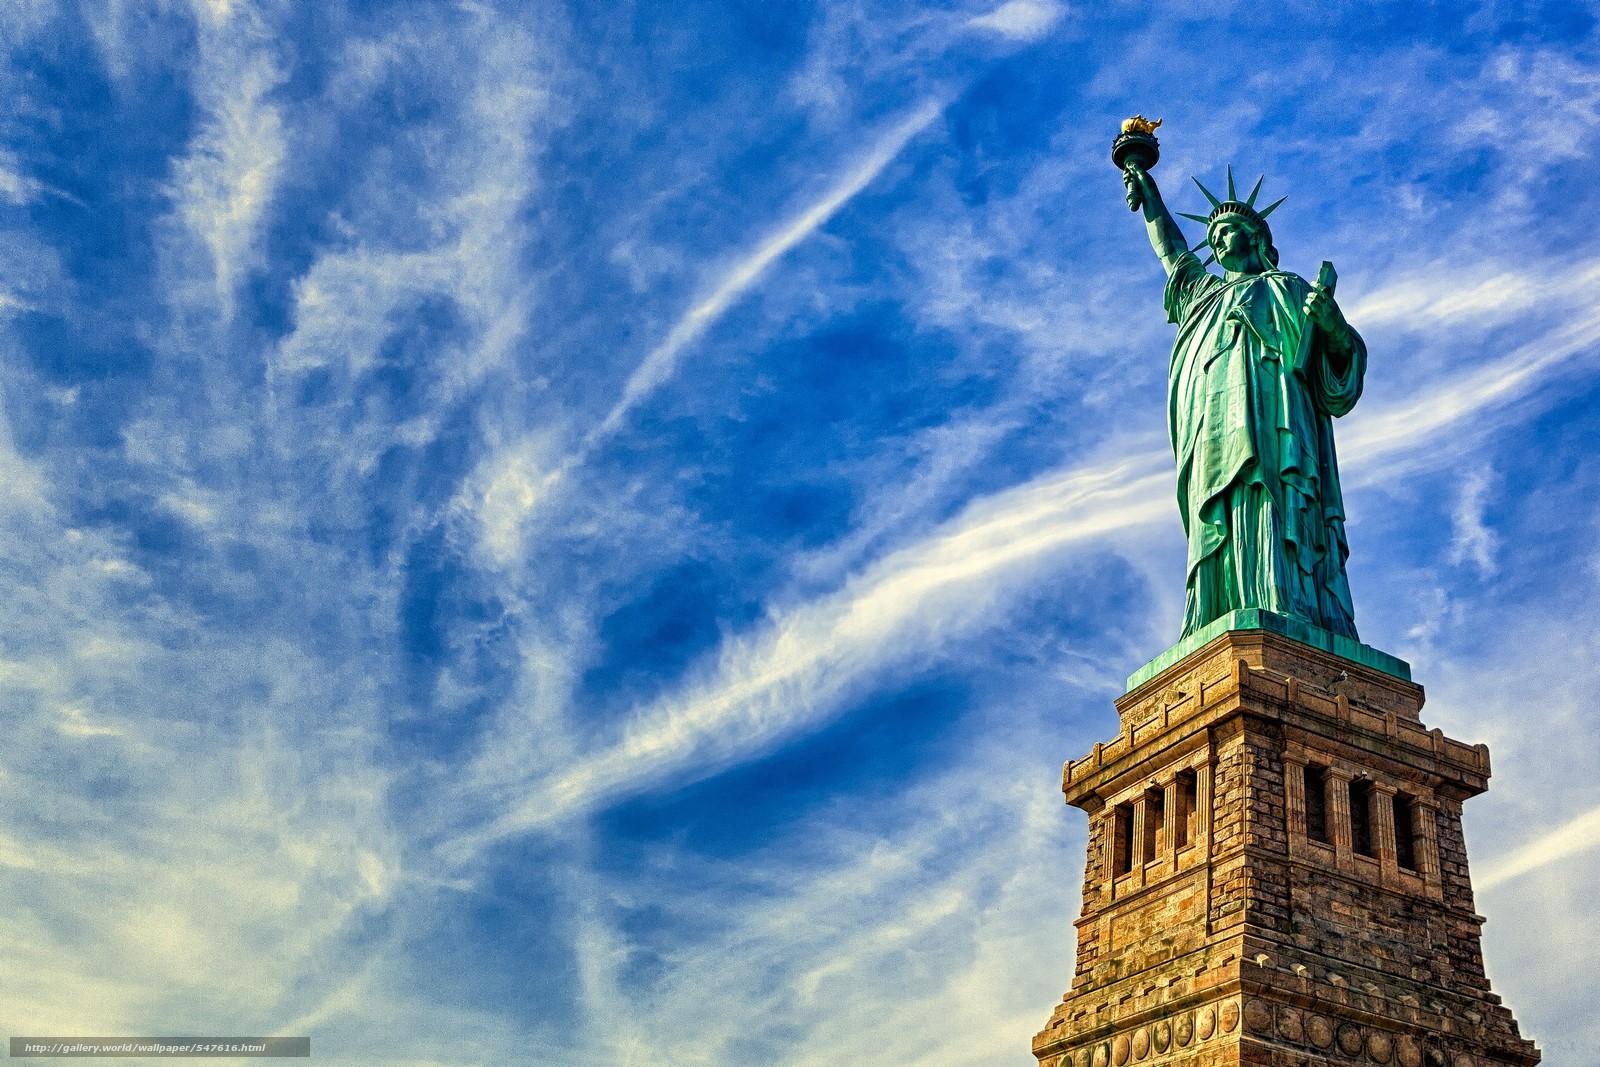 Статуя свободы фото в хорошем качестве